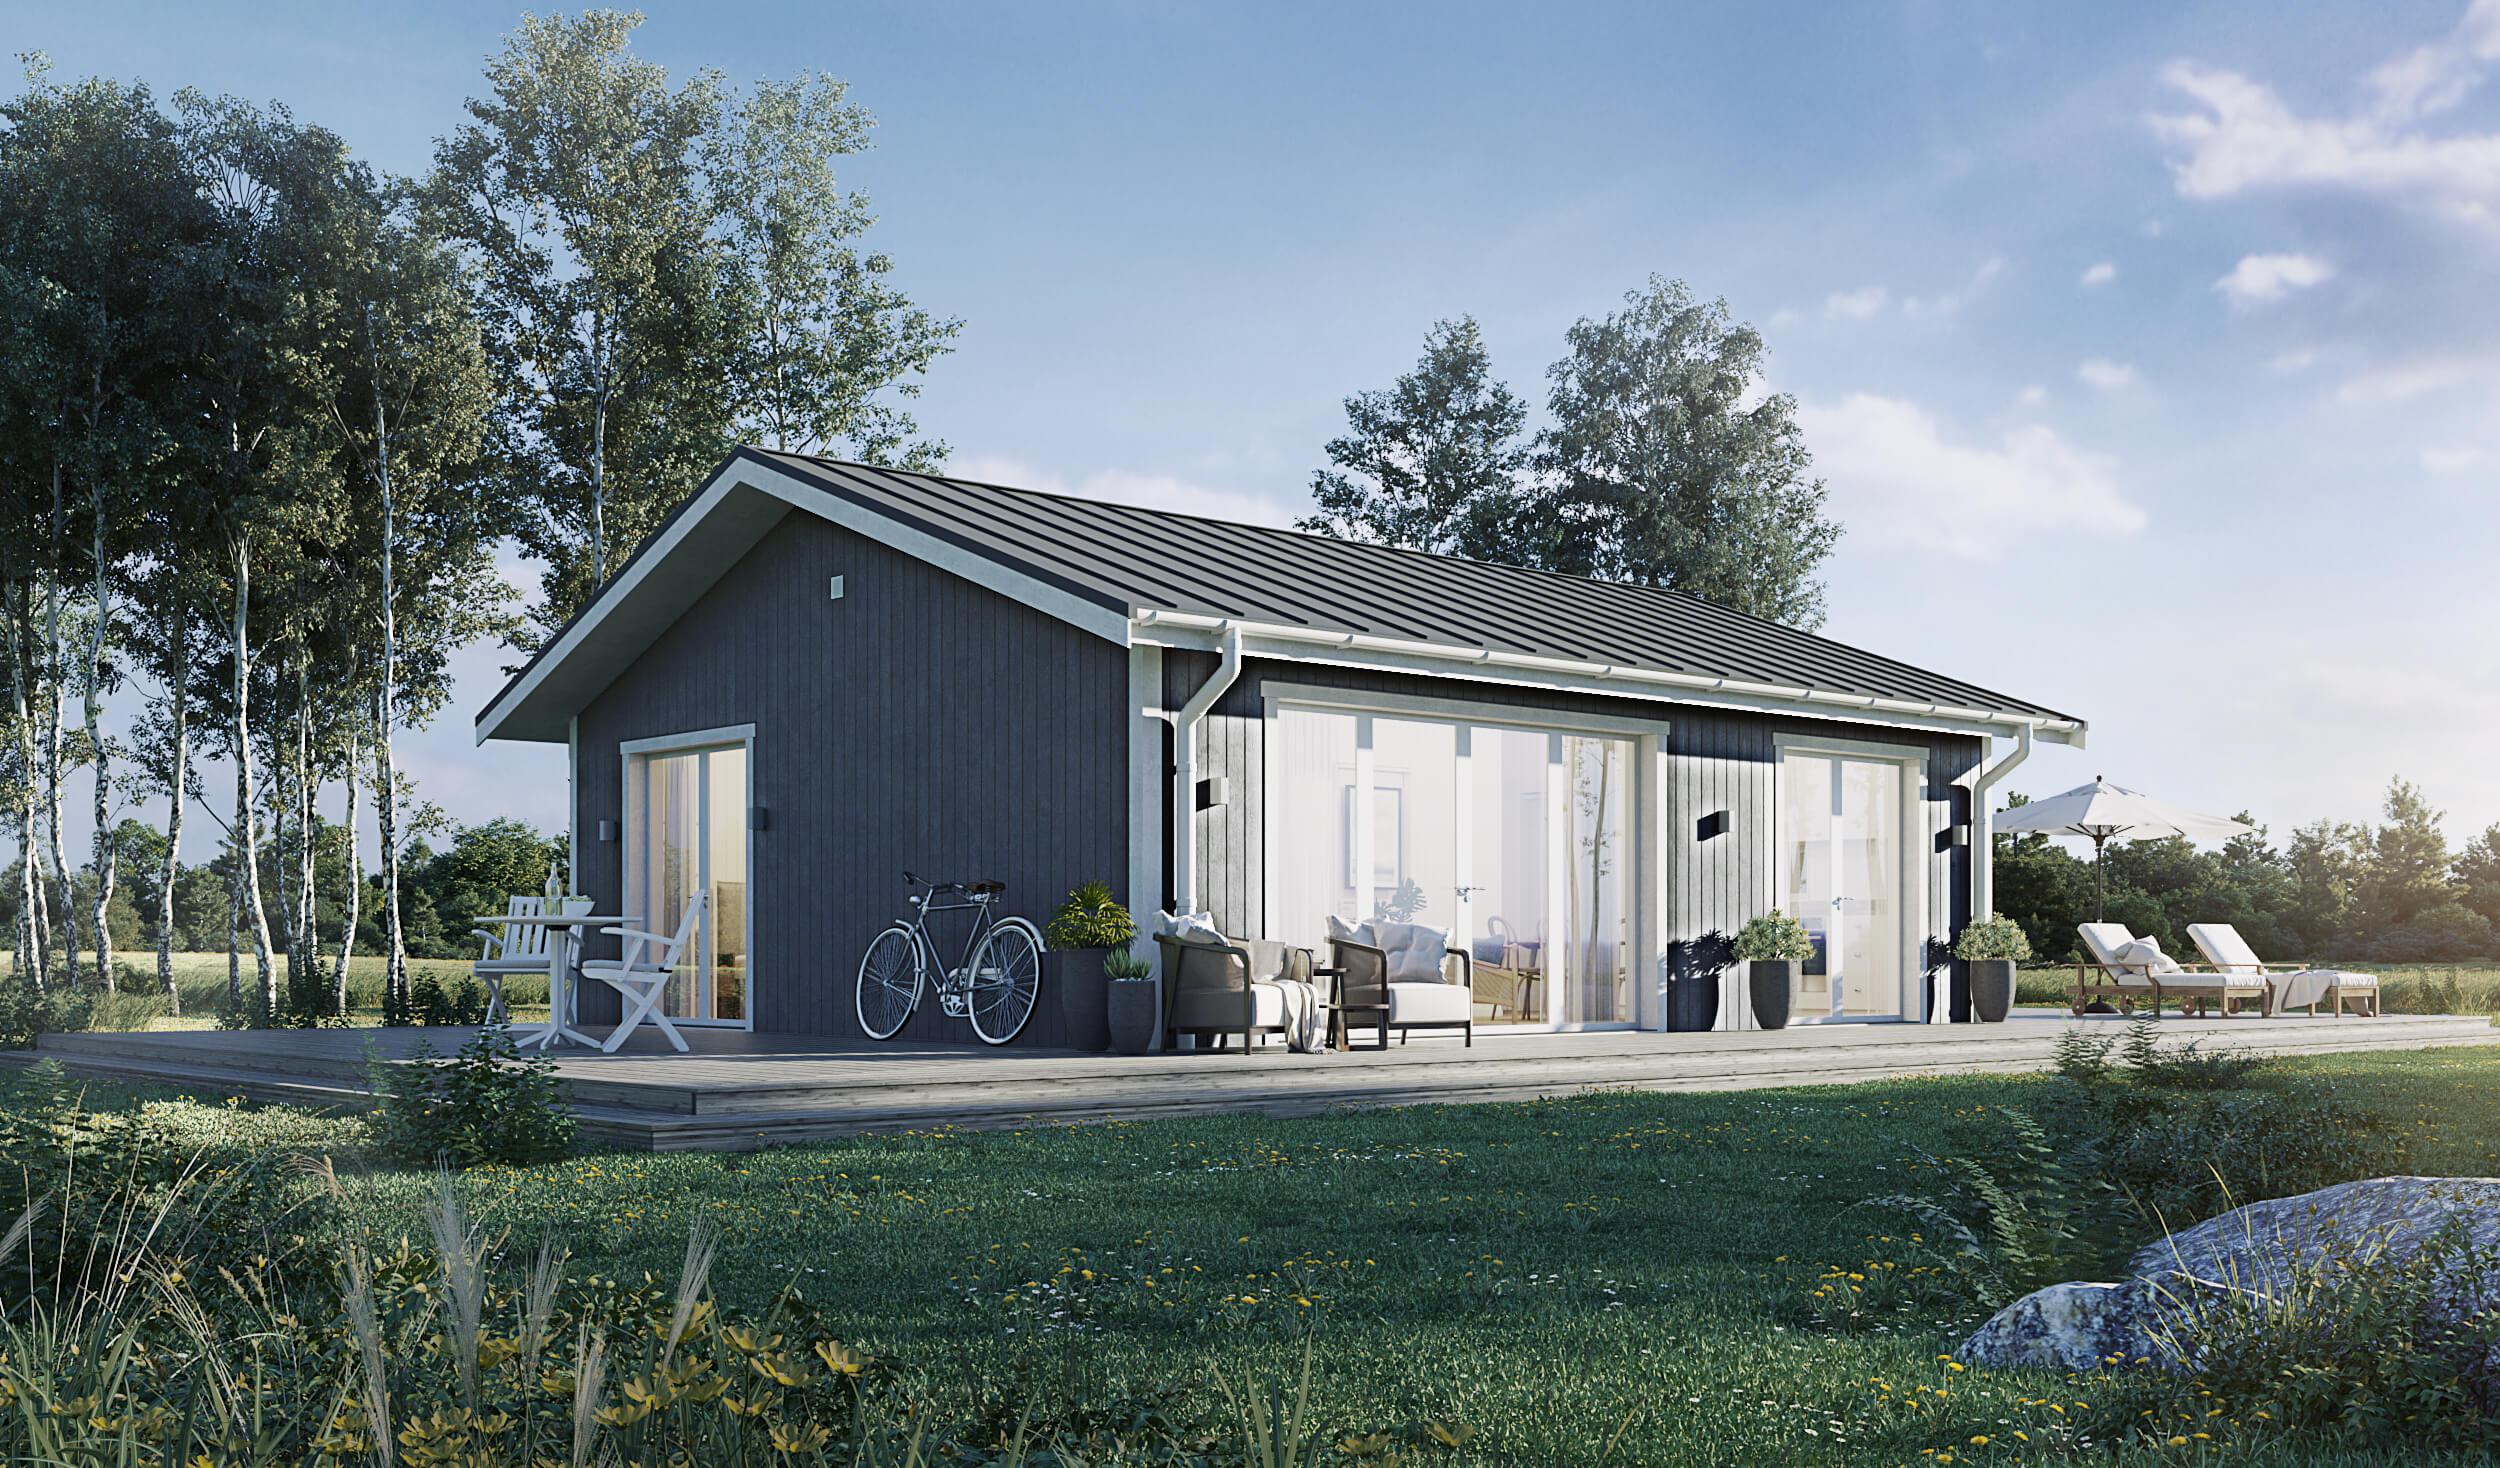 Fritidshus på 60 kvm med klassiskt sadeltak och grå exteriör